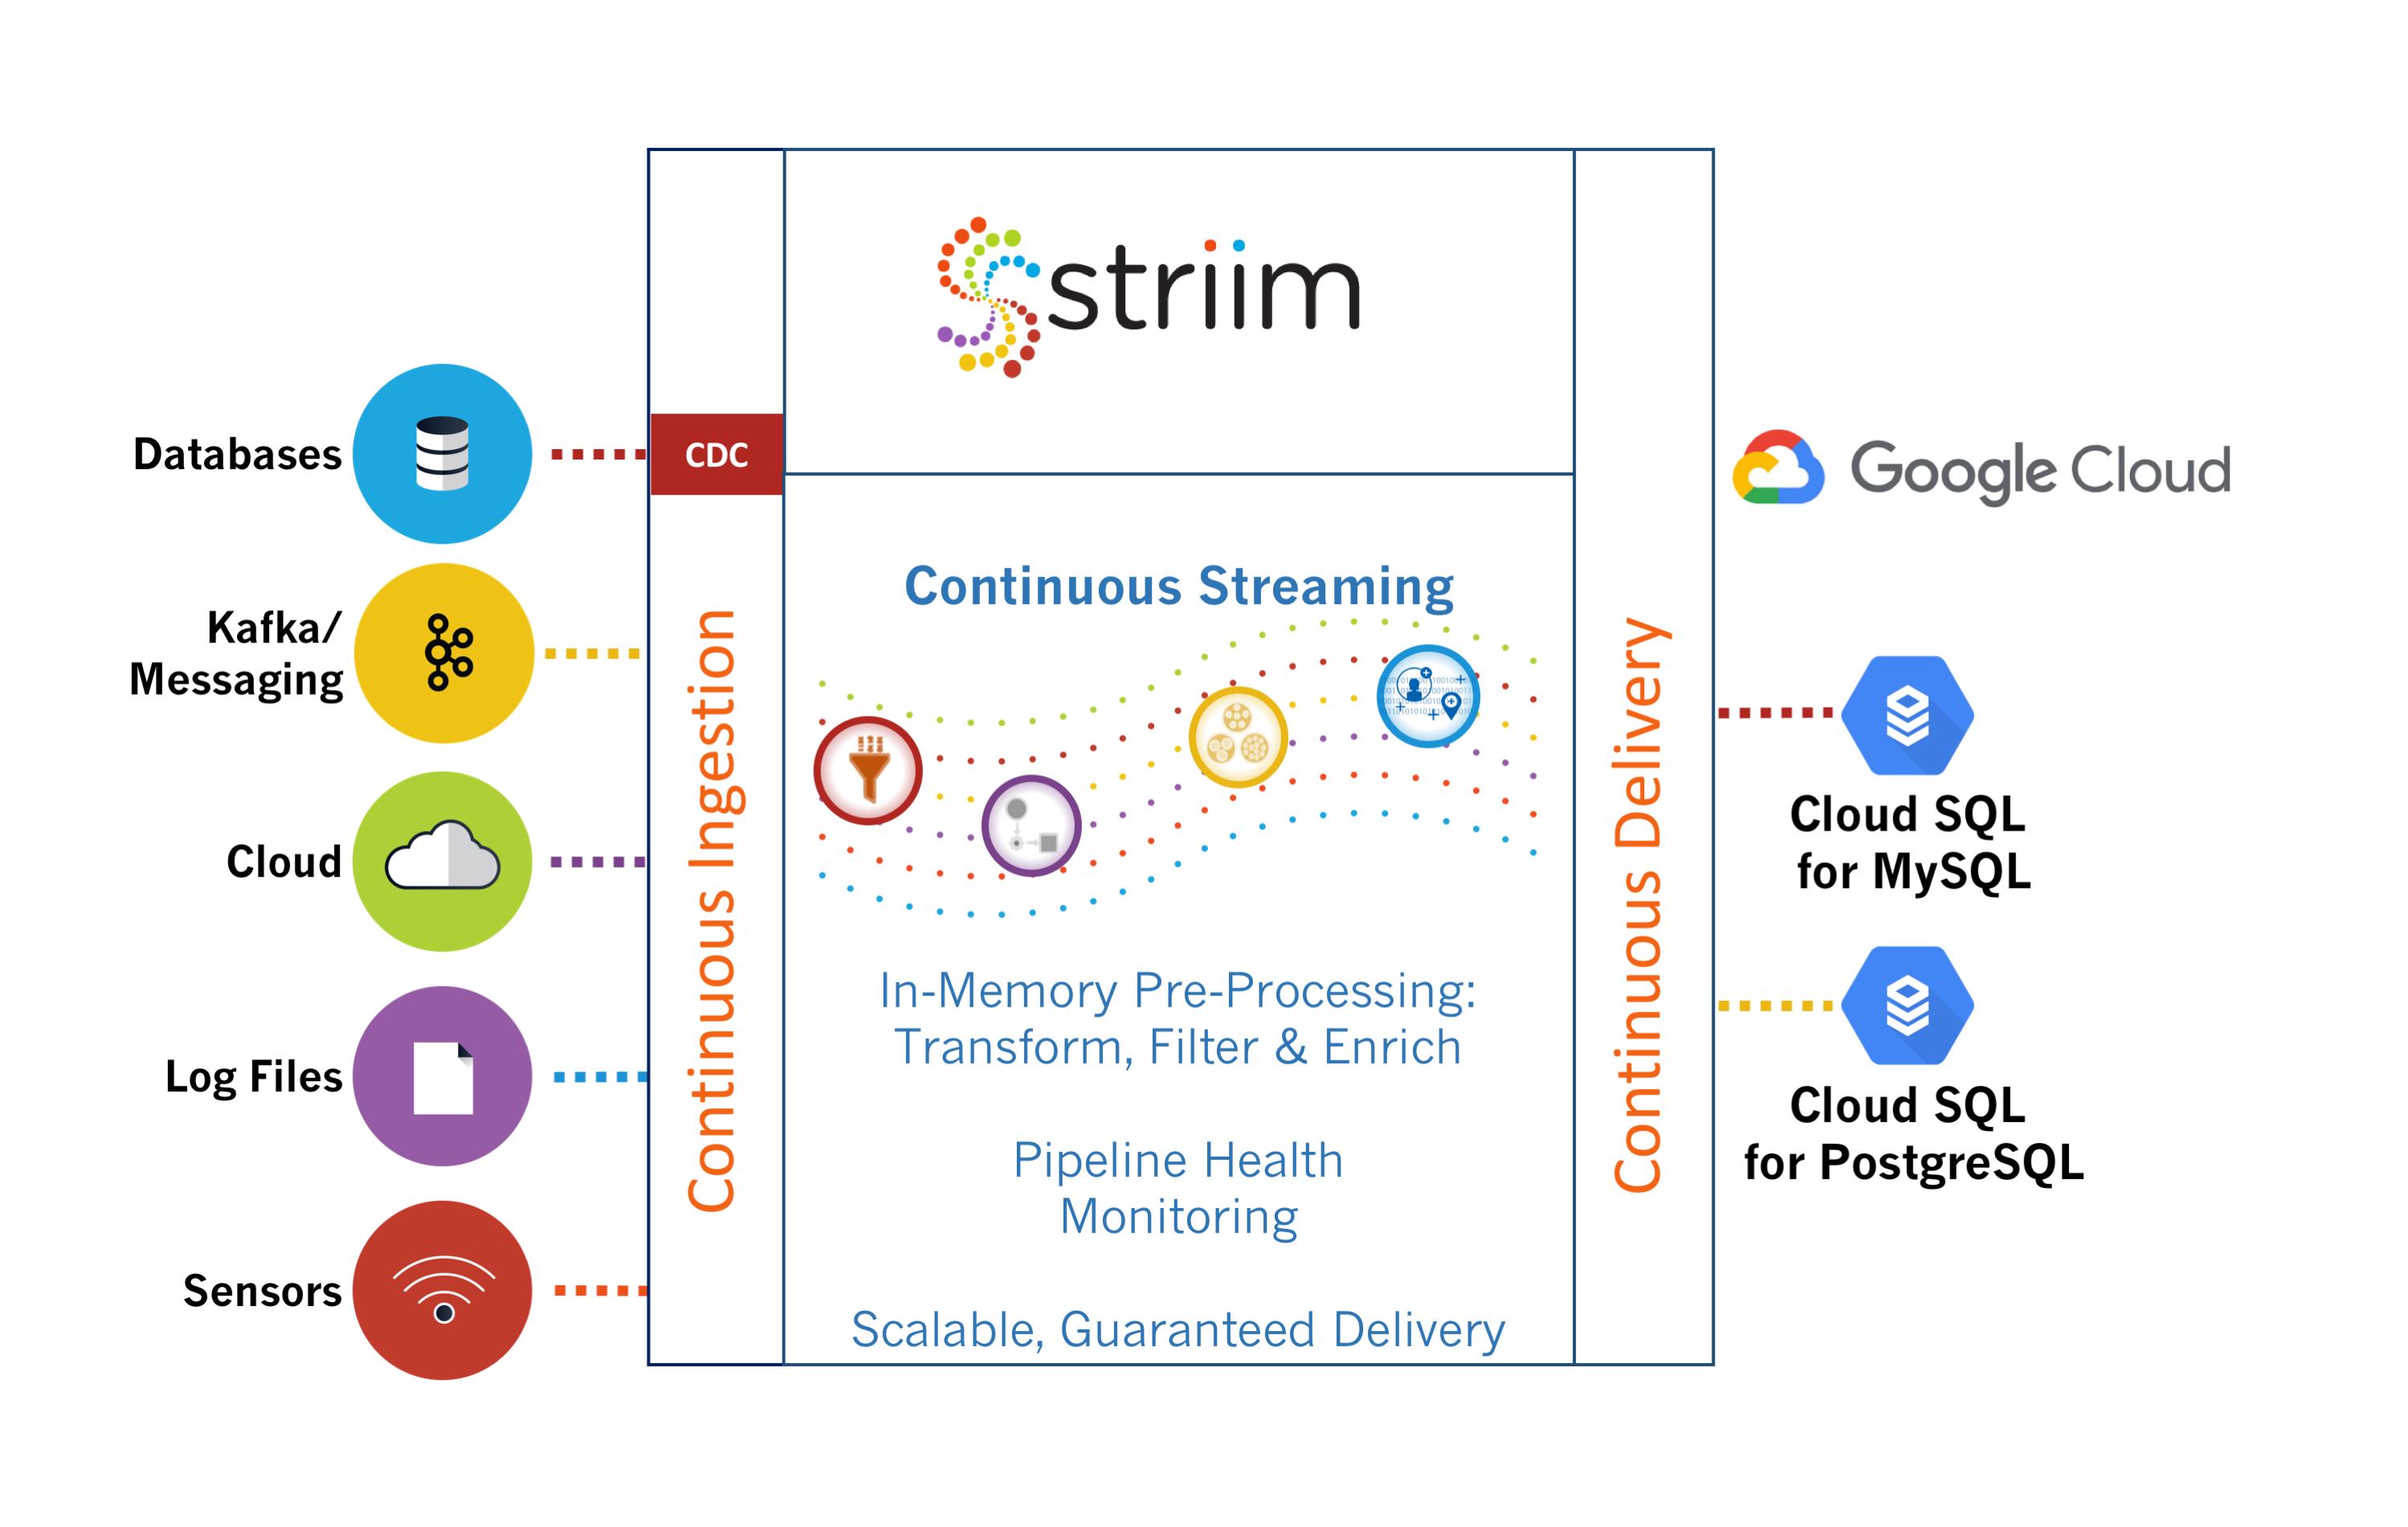 Striim for Google Cloud SQL